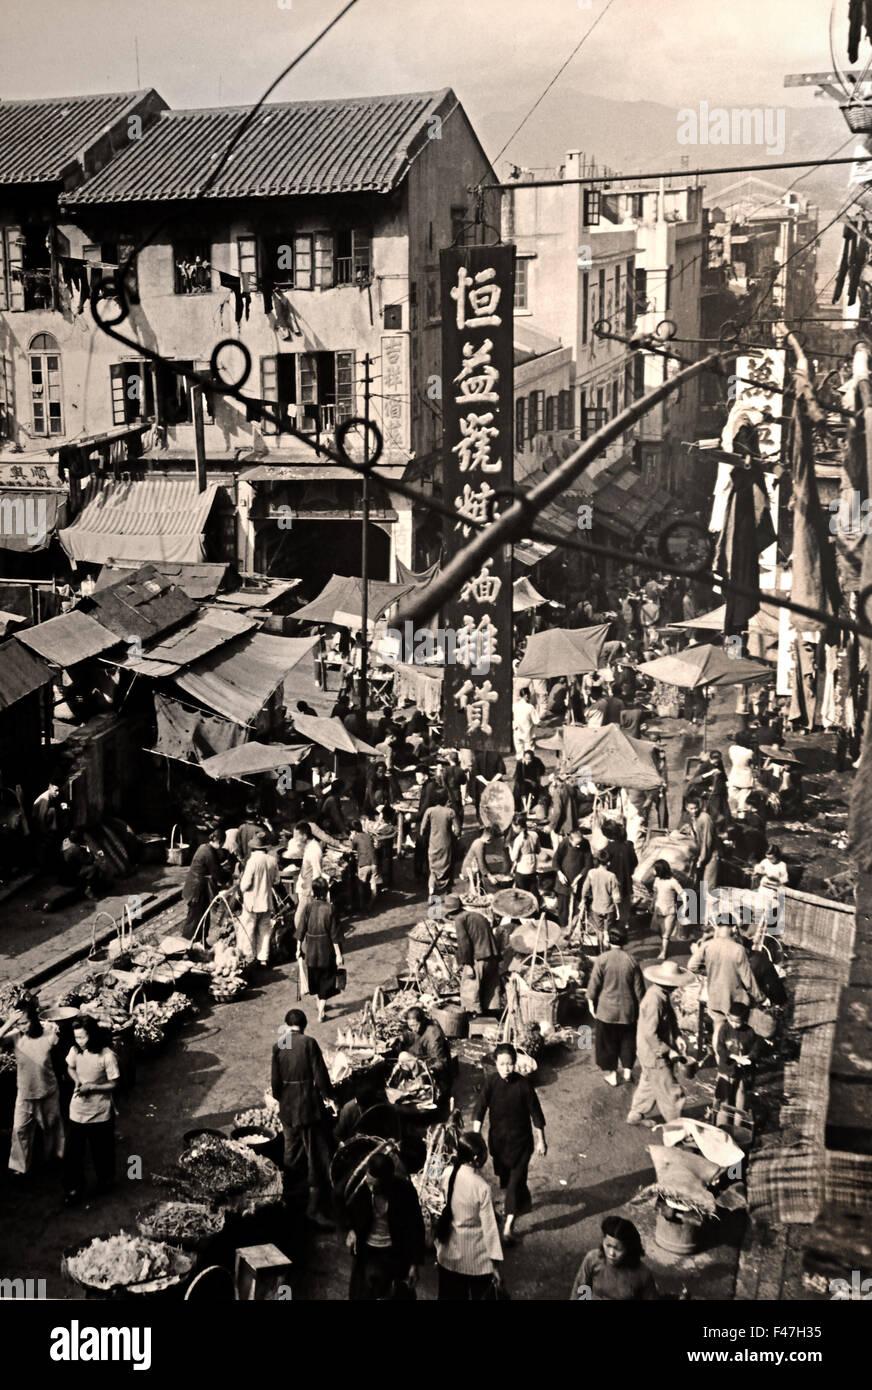 Centre Street in Sai Ying Pun brulica di attività 1947 Museo di storia di Hong Kong cinese Cina Immagini Stock